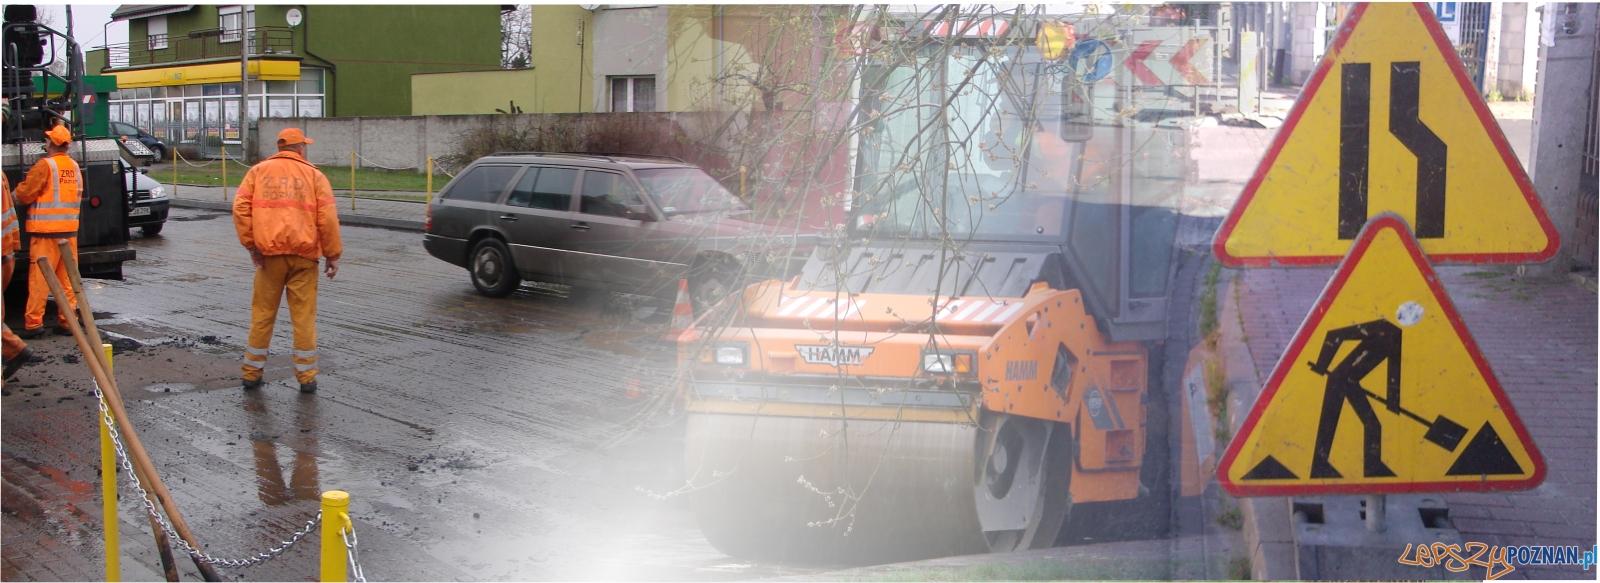 remonty dróg panorama  Foto: lepszyPOZNAN.pl